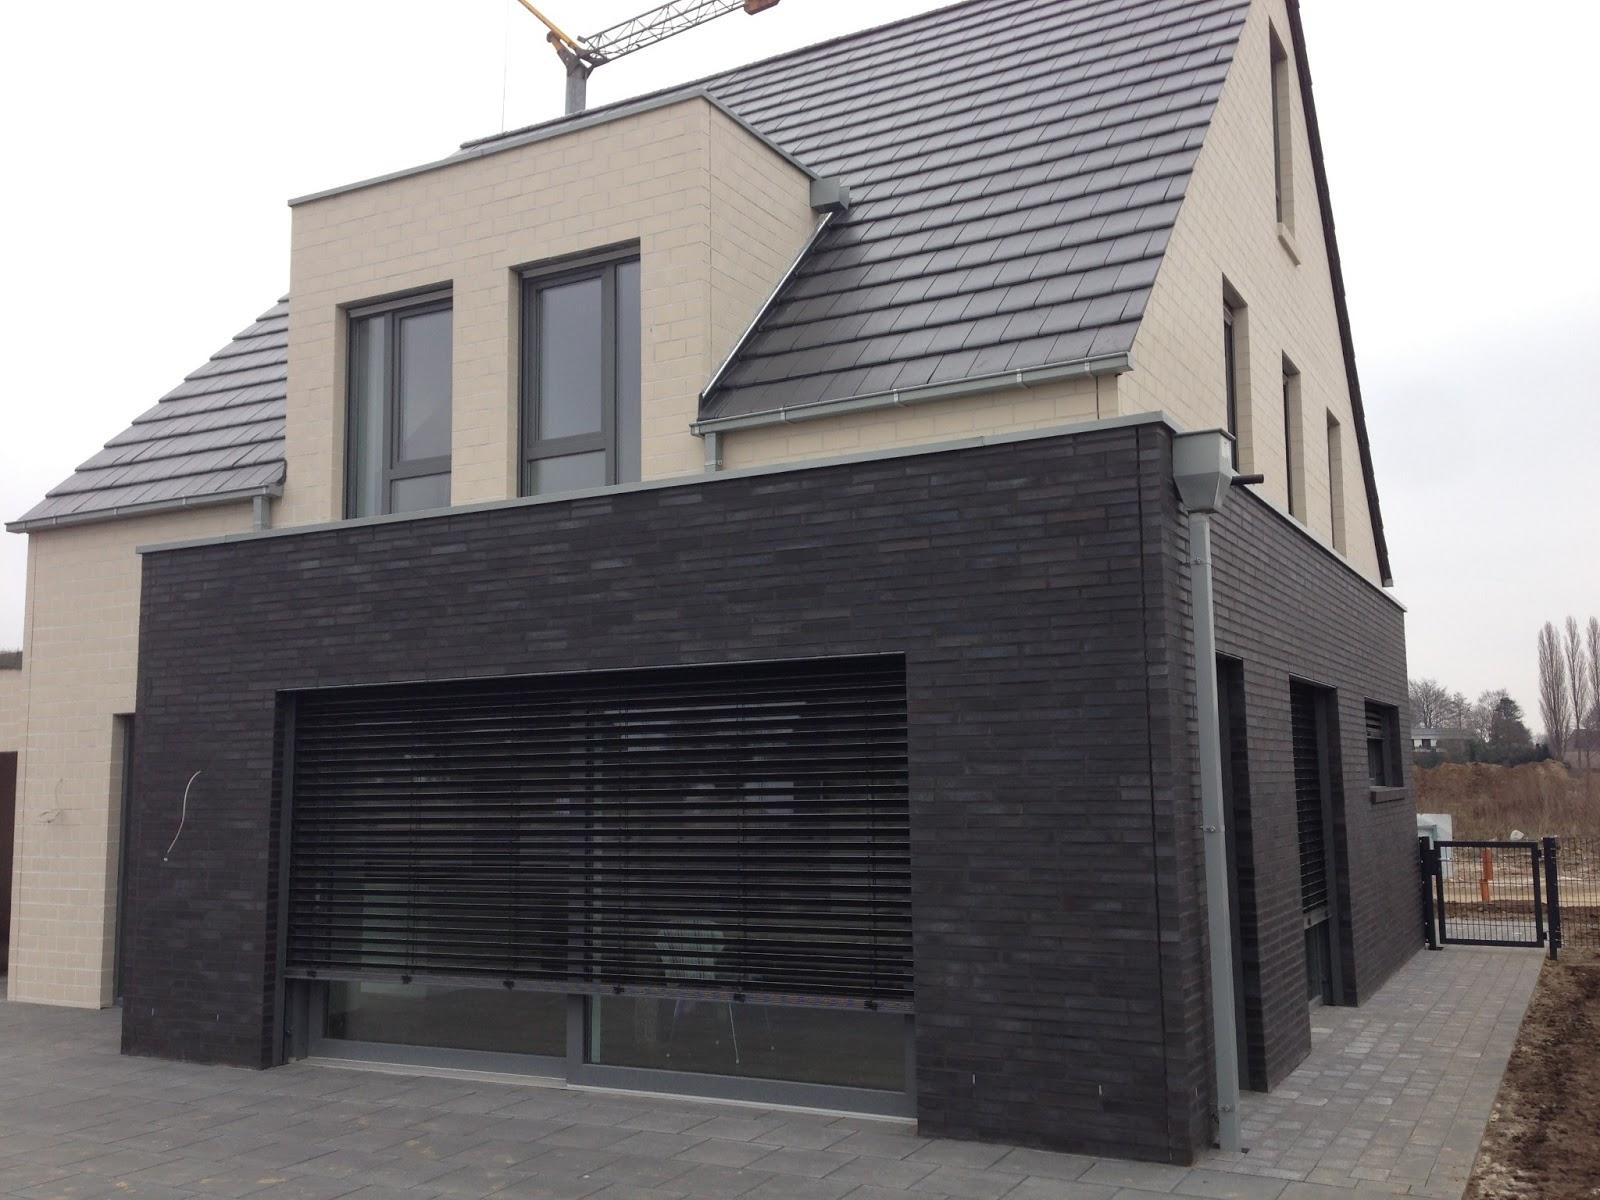 Kfw 55 Haus Ohne Lüftungsanlage referenzen zielsdorf juni 2013